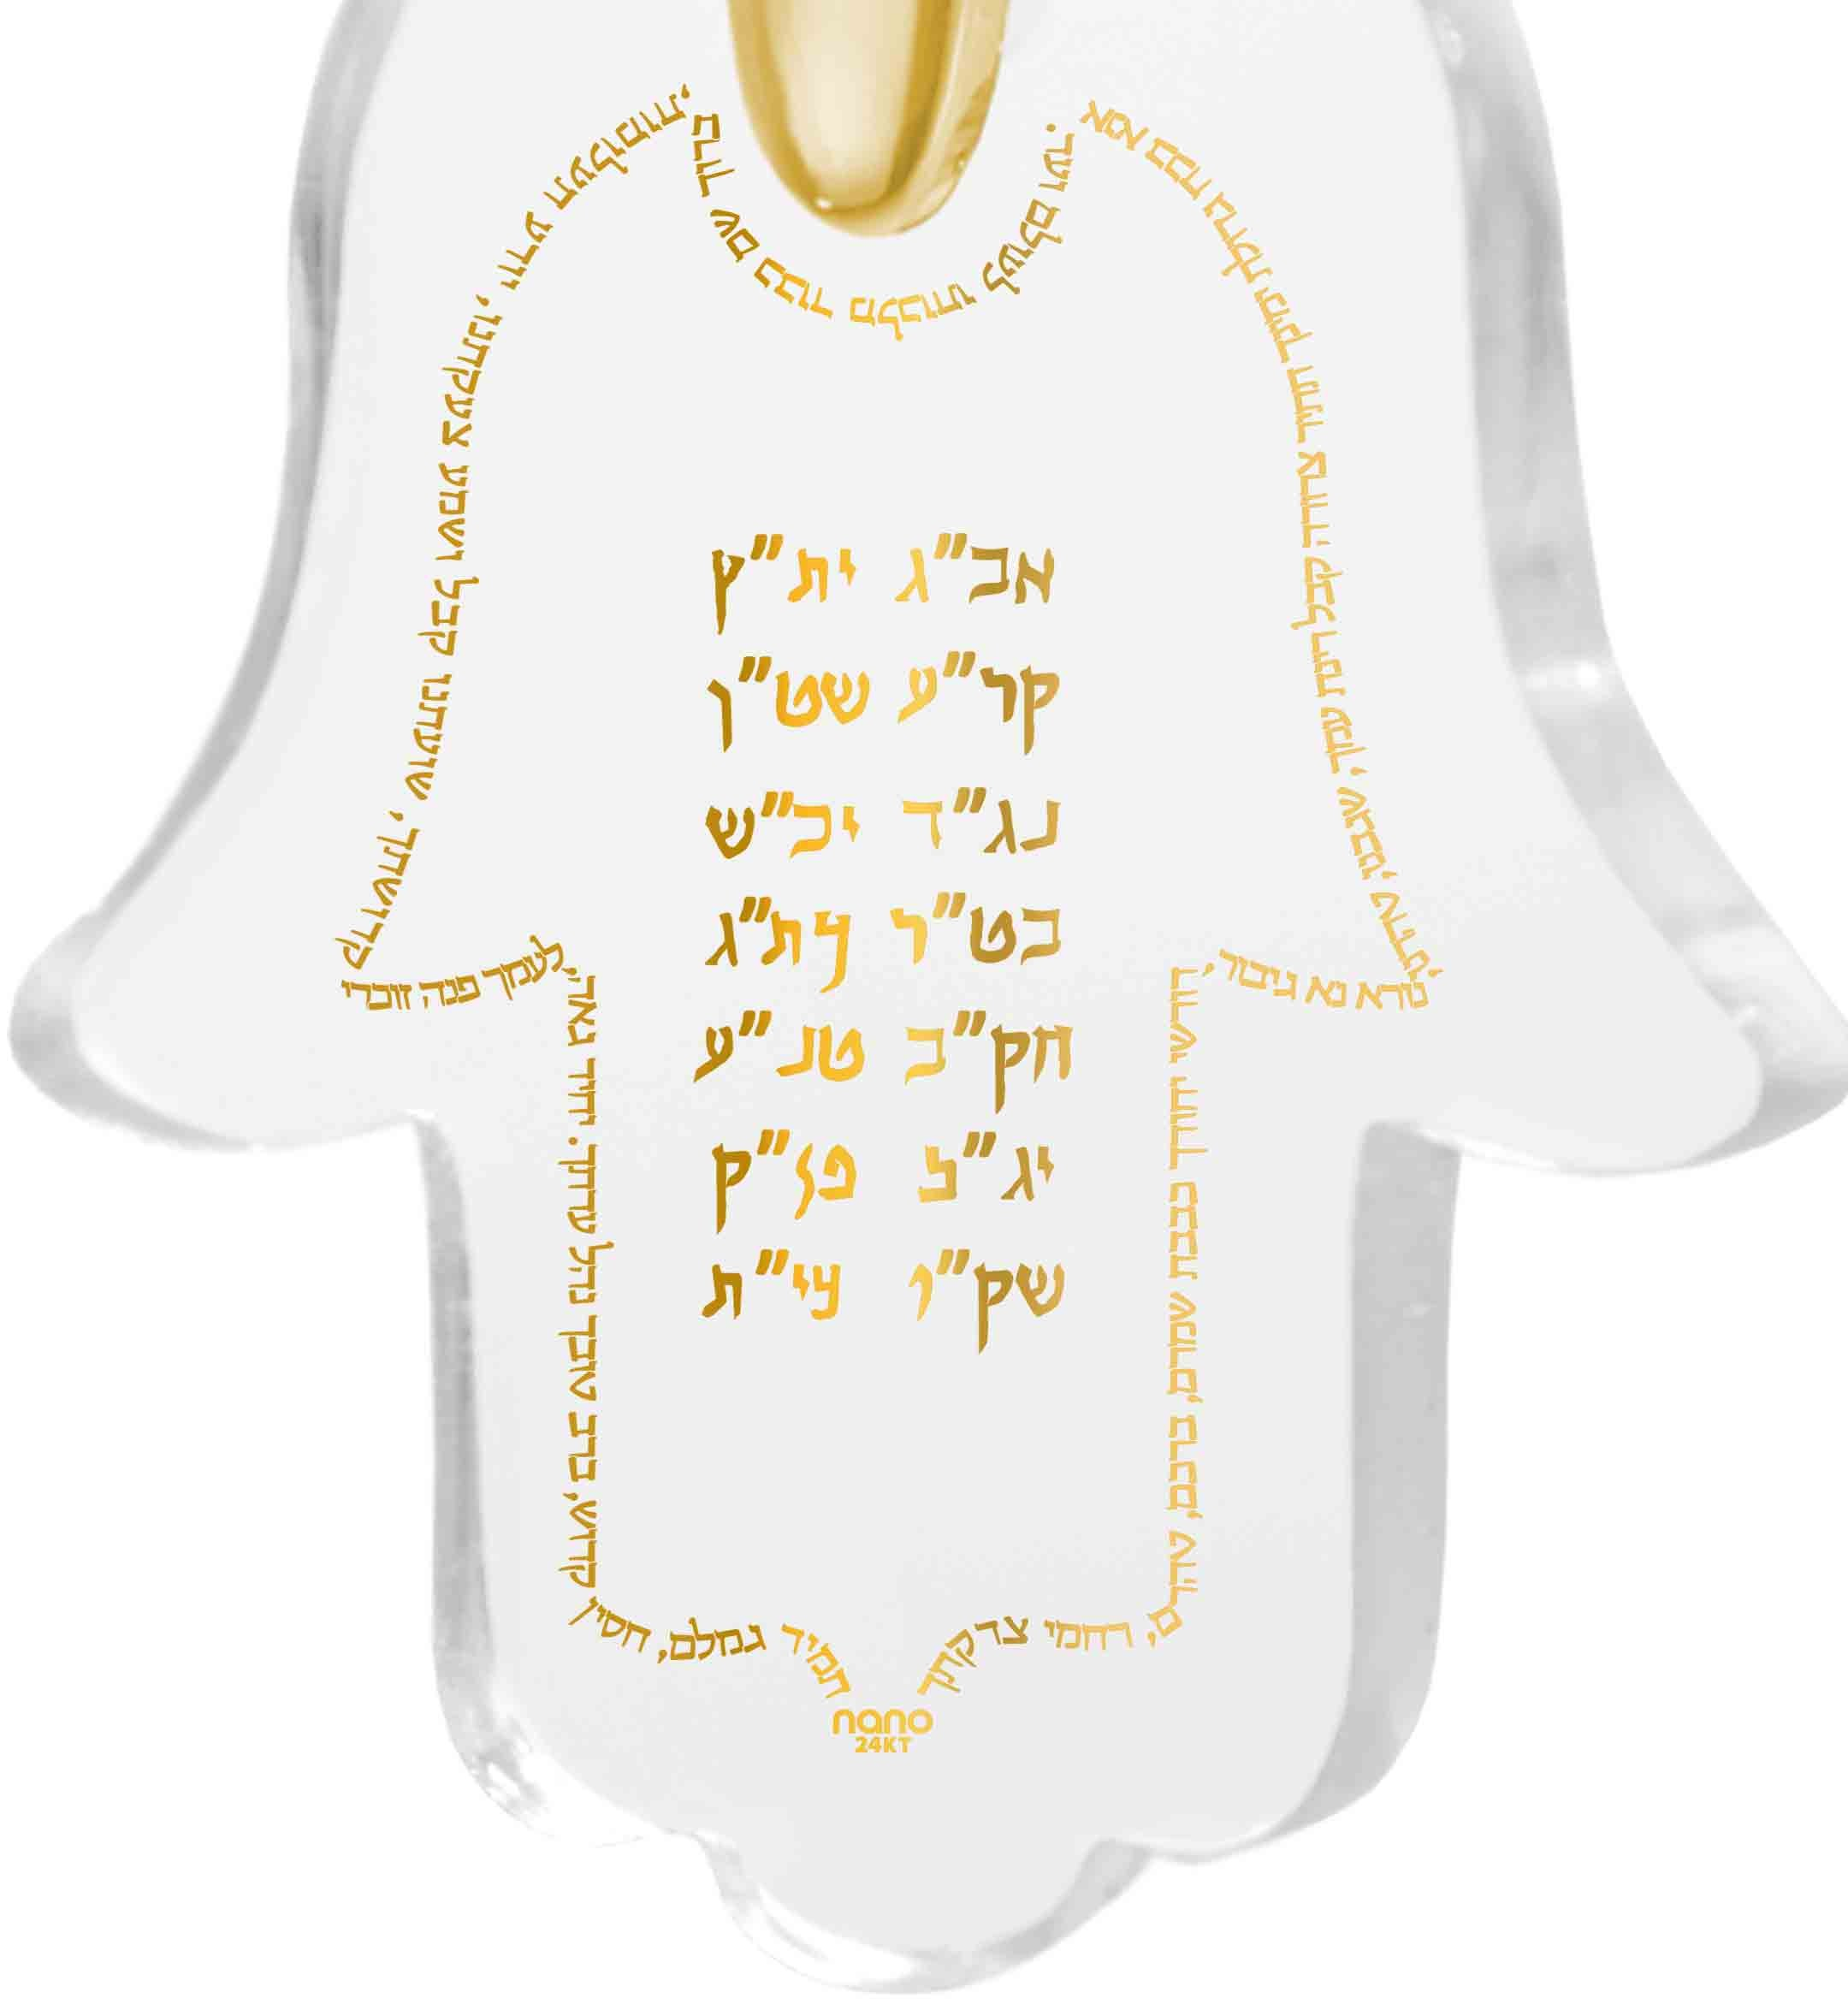 תכשיטי קבלה - תליון חמסה עם תפילת אנא בכח - ננו תכשיטיםתכשיטי קבלה - תליון חמסה עם תפילת אנא בכח - ננו תכשיטים